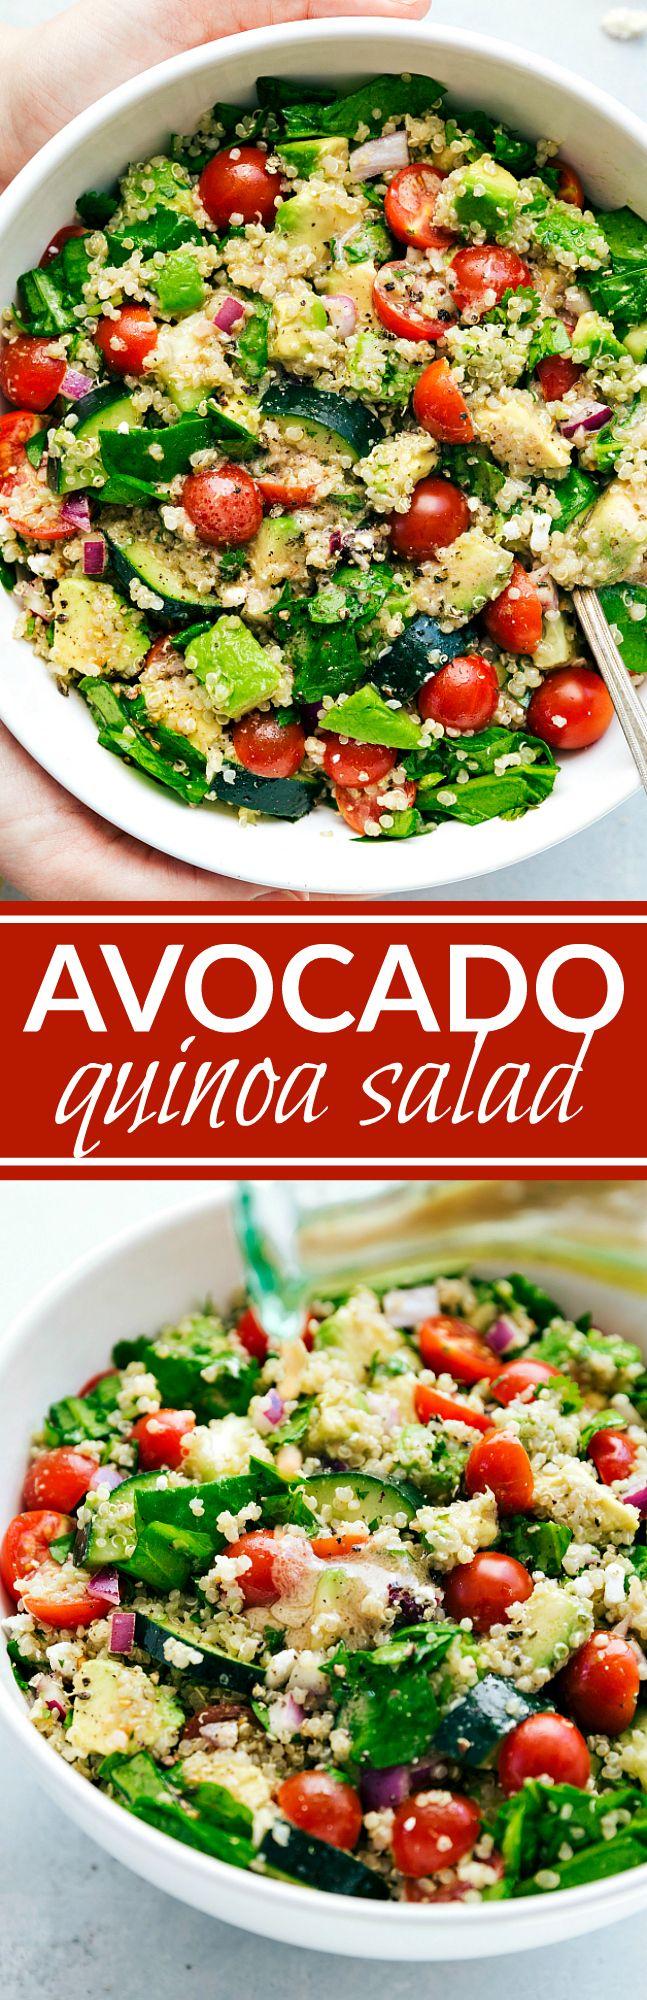 Blue apron quinoa enchiladas - Avocado Quinoa Salad